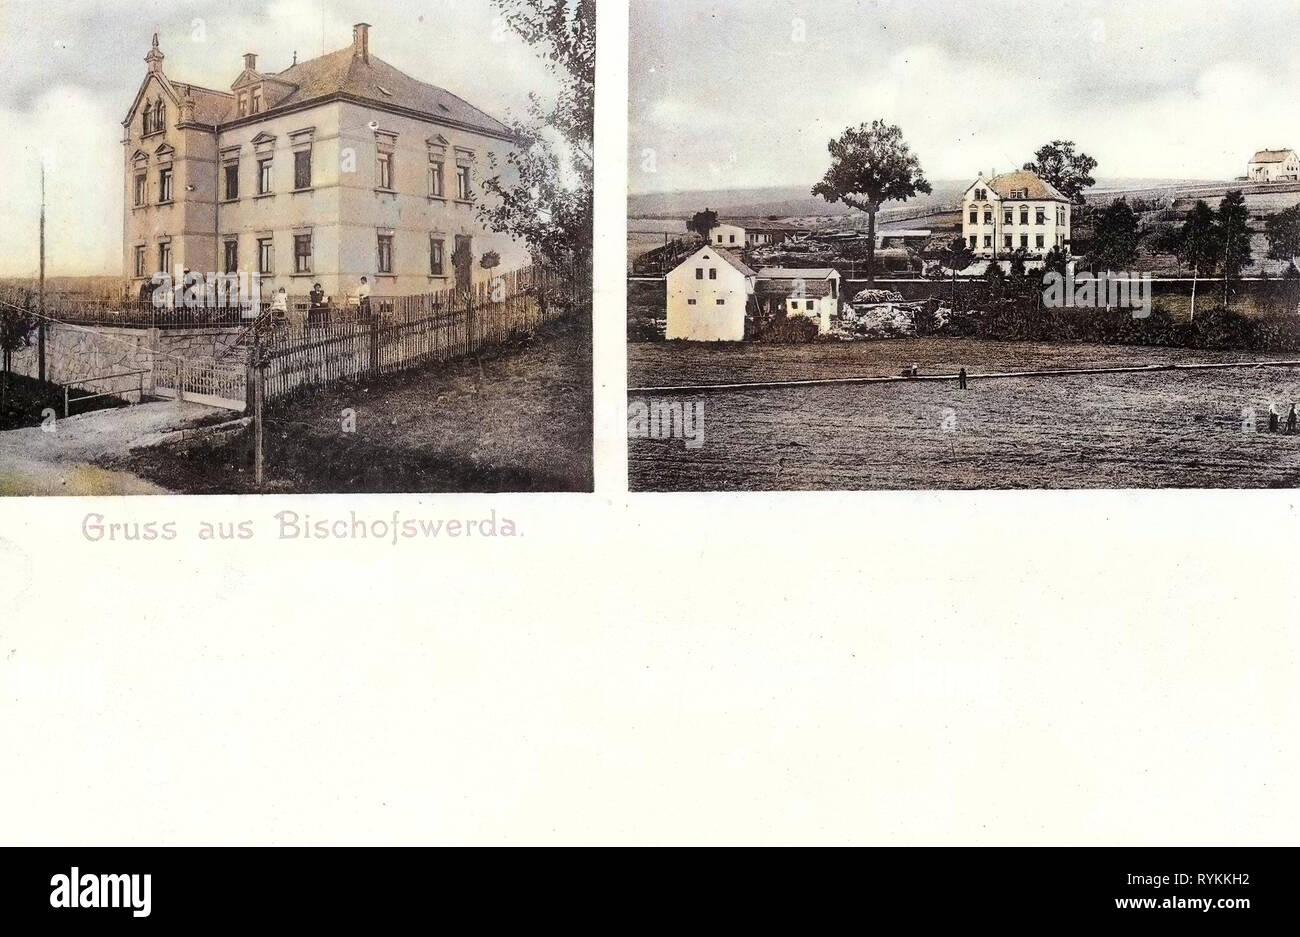 Multiview postcards, Buildings in Bischofswerda, Military facilities of Germany, 1903, Landkreis Bautzen, Bischofswerda, Einzelne Wohnhäuser - Stock Image